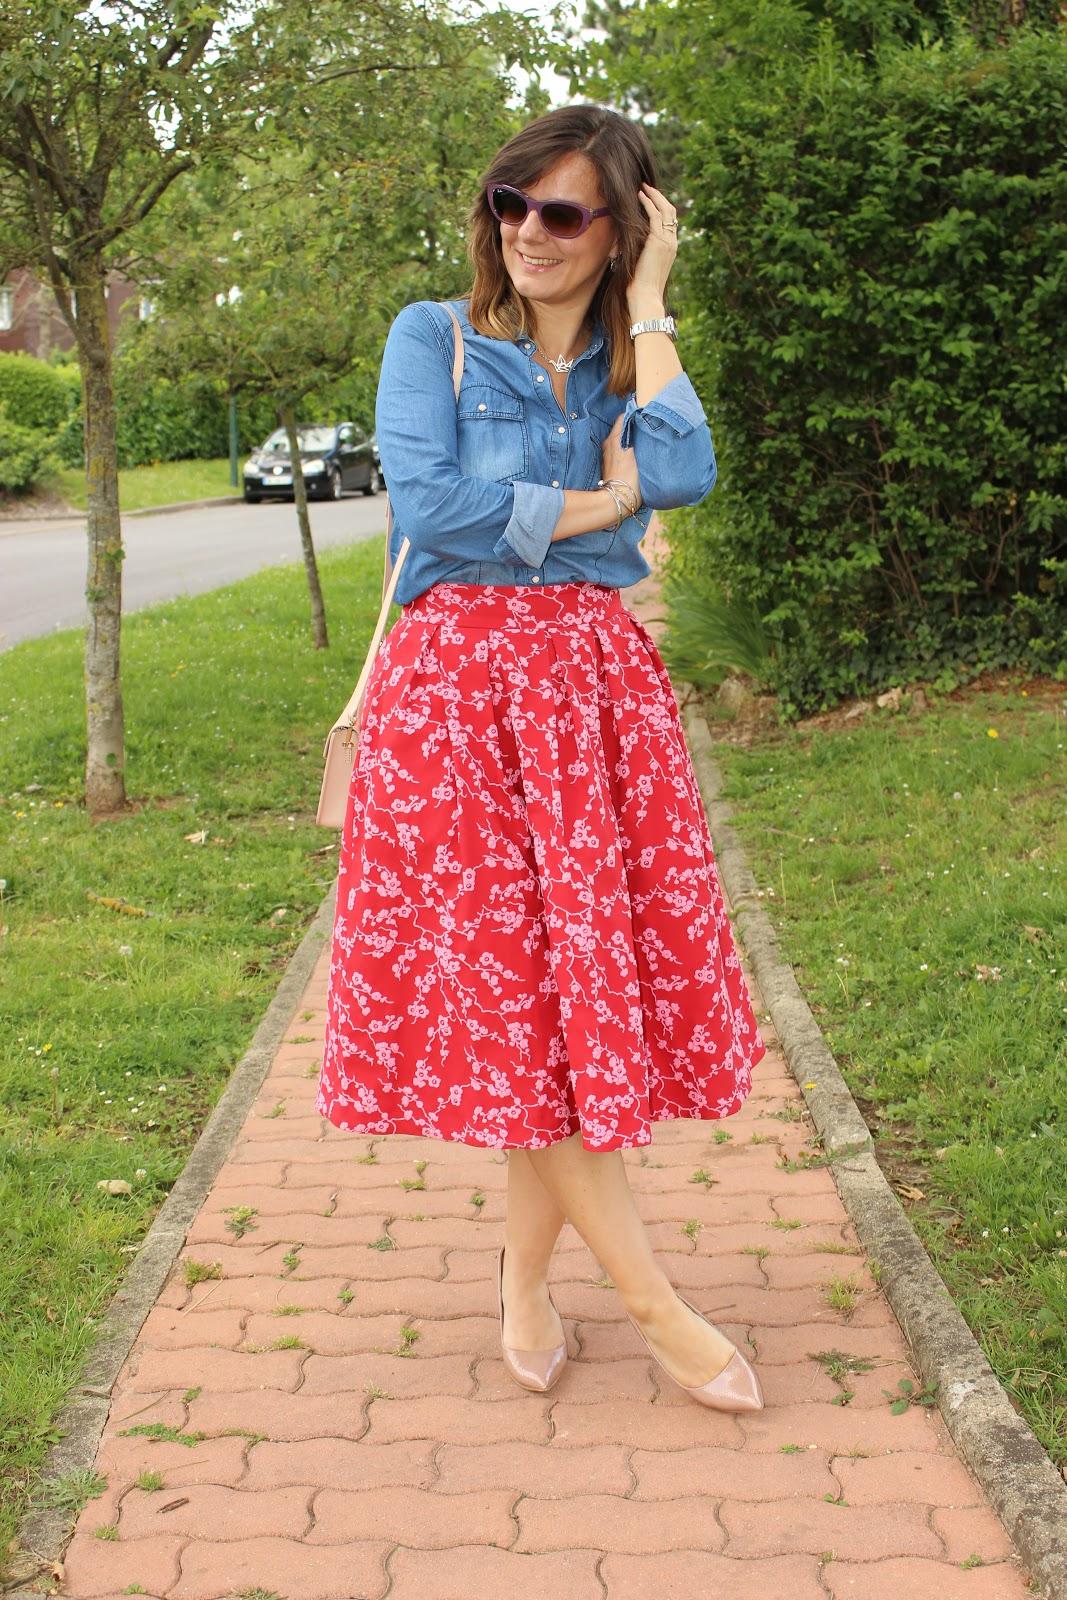 porter du jean avec tout, look du jour, jupe tara jarmon, les petites bulles de ma vie